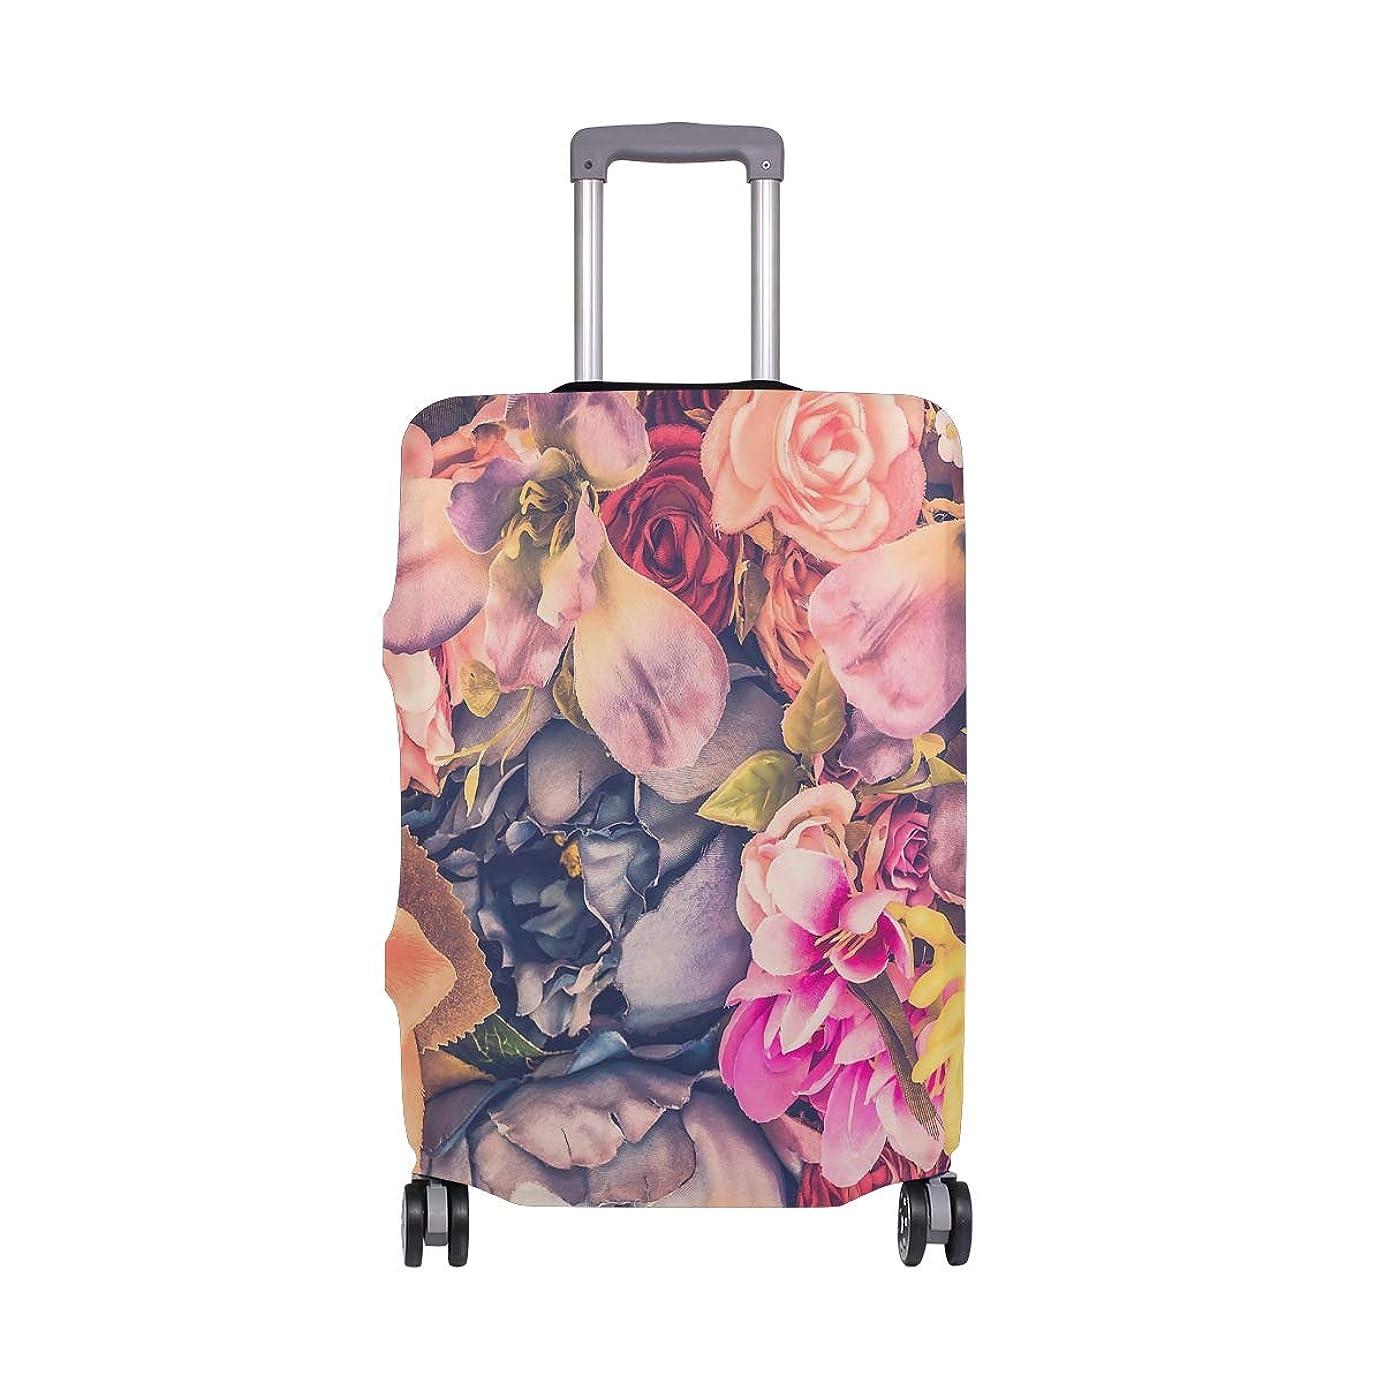 毛皮魅力的であることへのアピールグッゲンハイム美術館ビンテージローズ スーツケースカバー 弾性素材 おしゃれ トラベルダストカバー 傷防止 防塵カバー 洗える 18-32インチの荷物にフィット